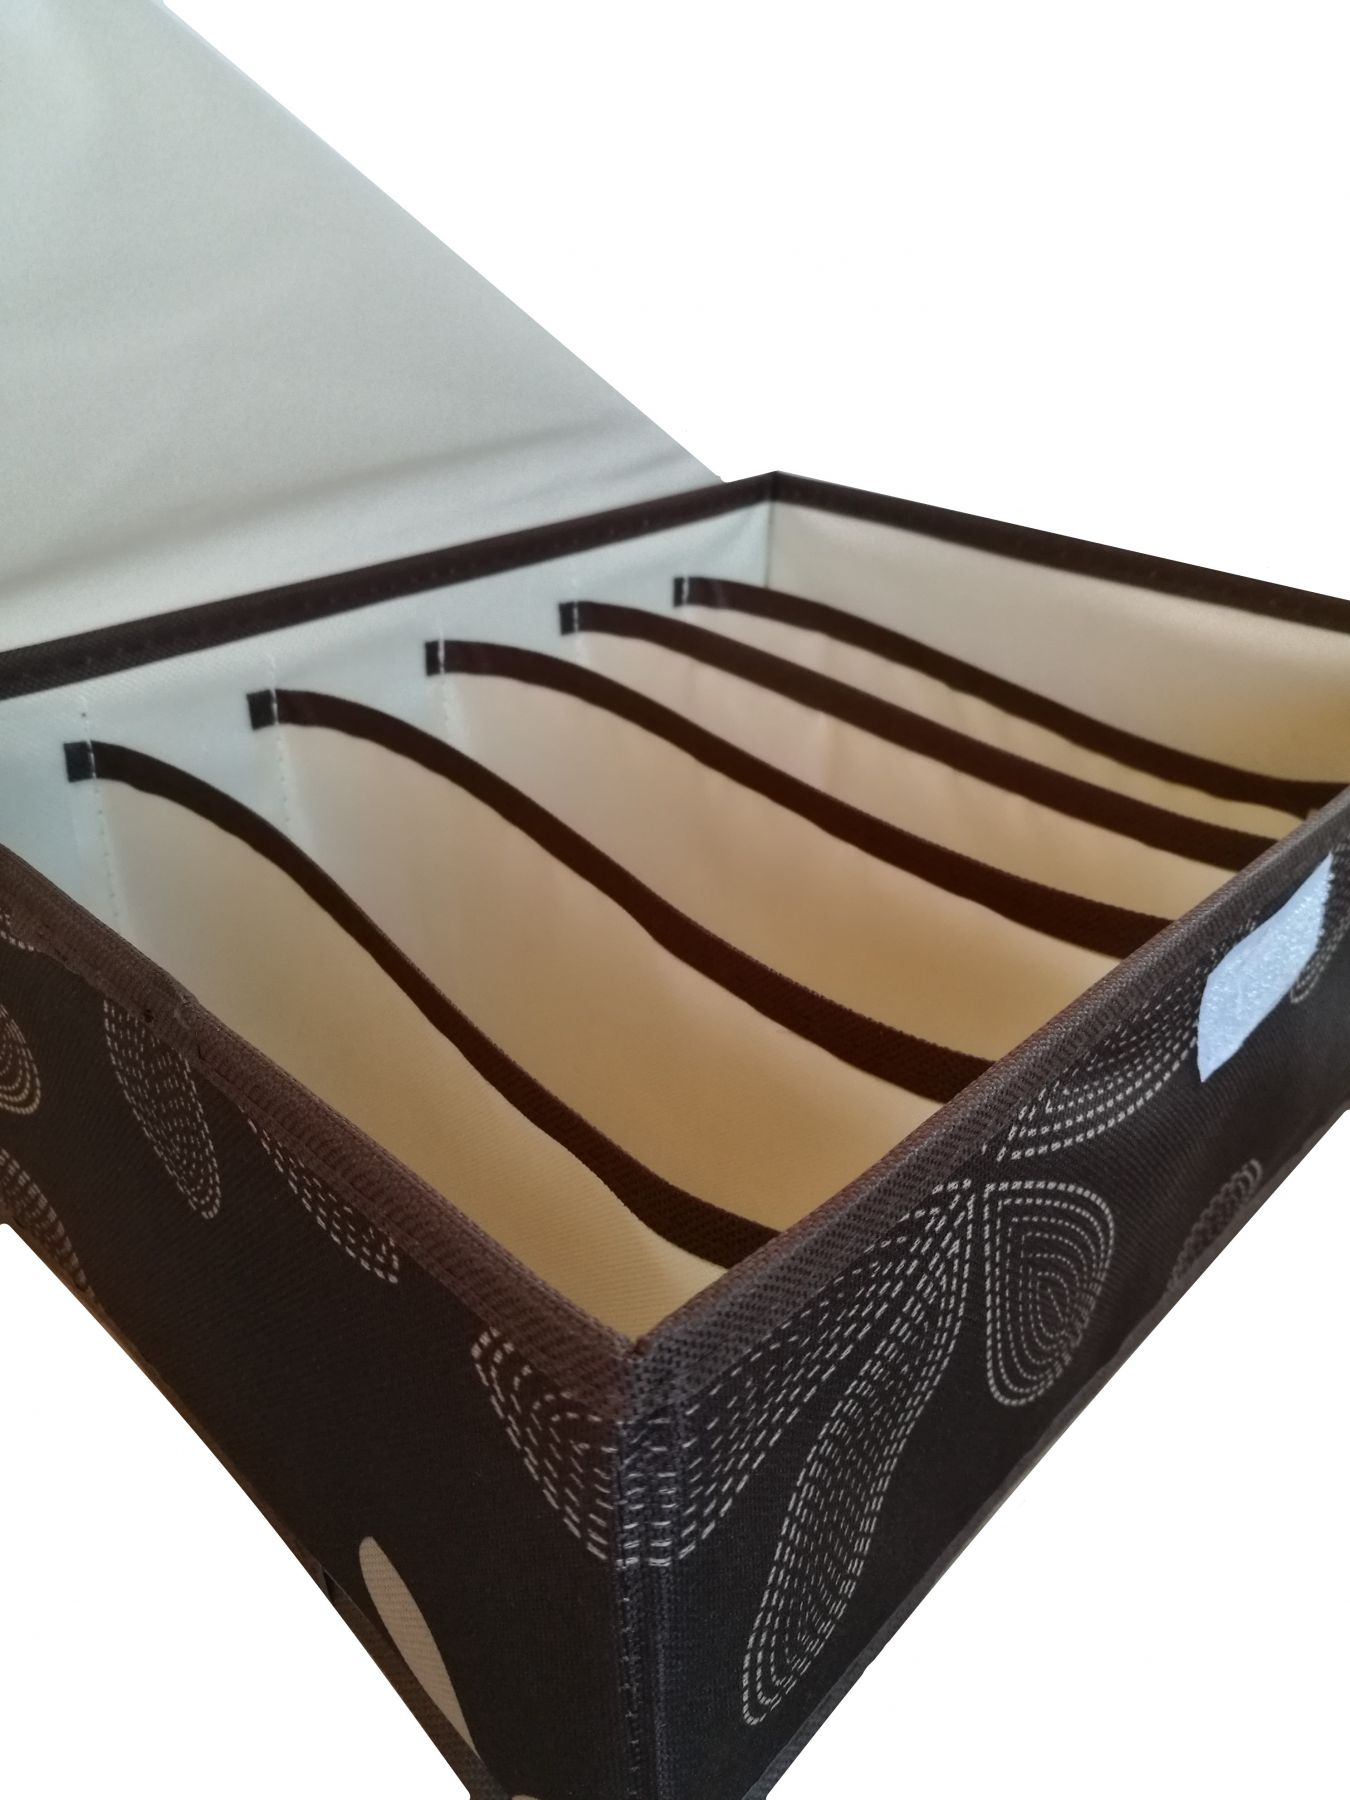 Короб для хранения вещей с 6-ю секциями, 31х24х12 см